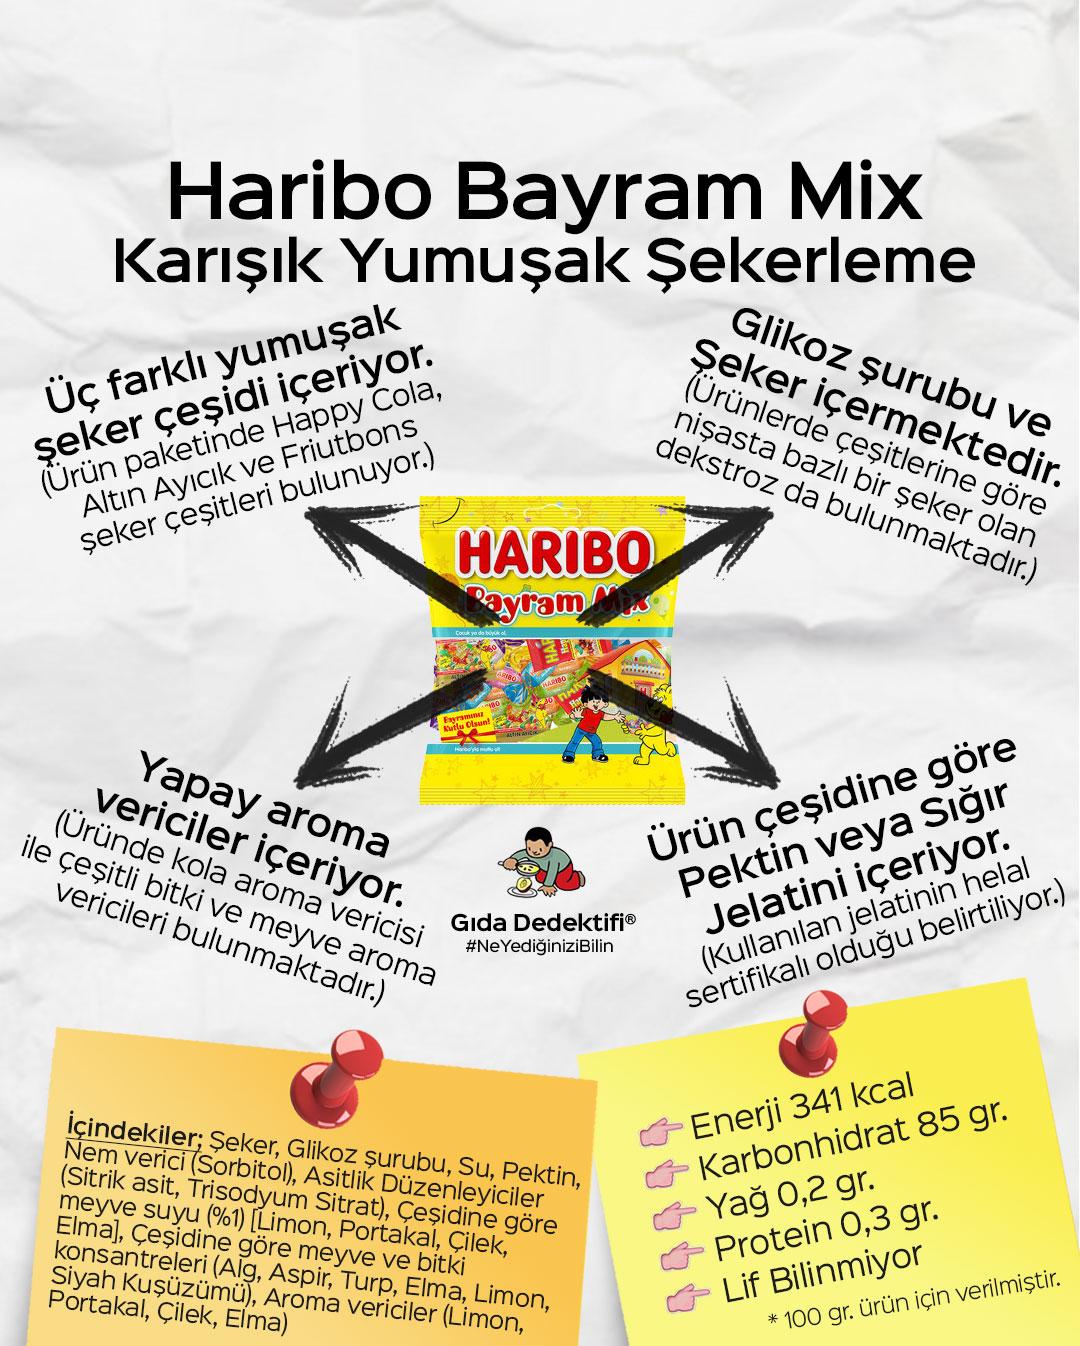 Haribo Bayram Mix Yumuşak Şekerleme - Gıda Dedektifi